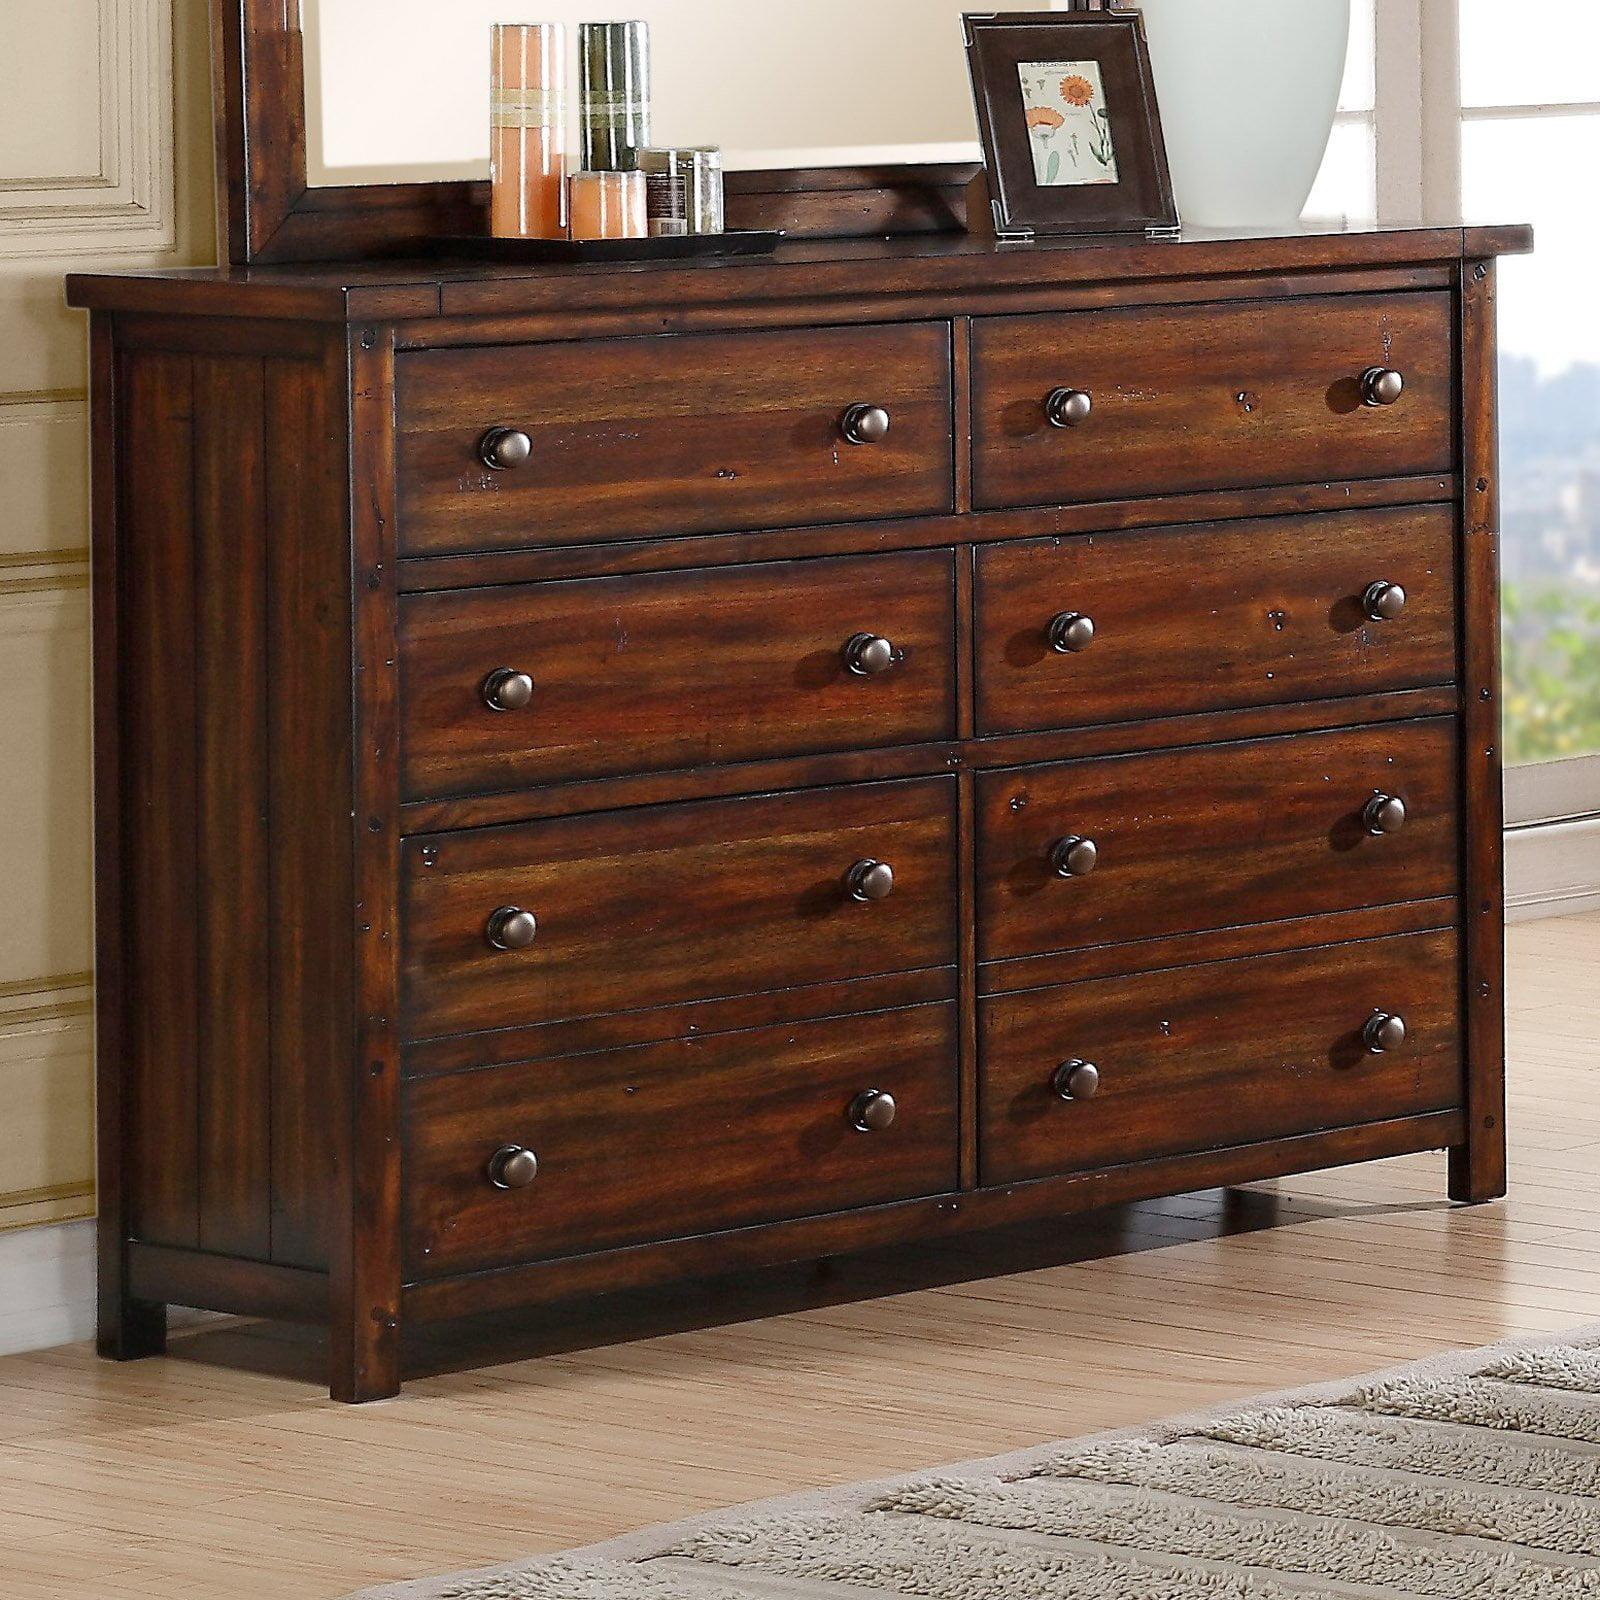 Picket House Furnishings Danner Dresser in Chestnut